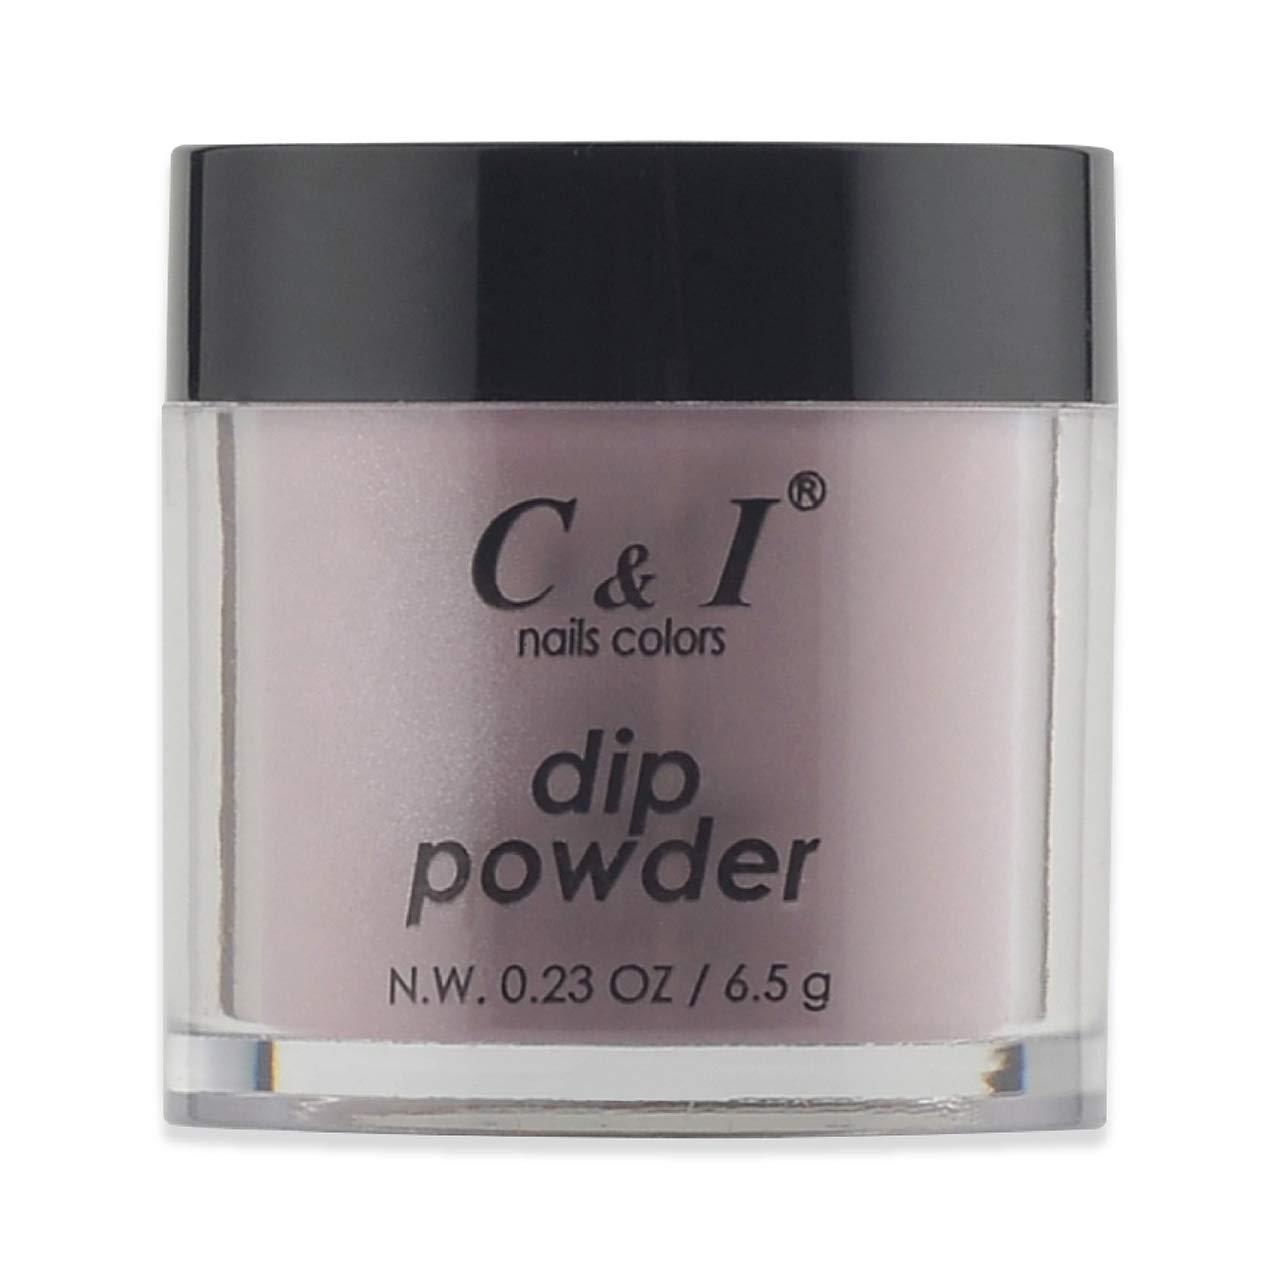 C & I Dipping Powder, Nail Colors, Gel Effect, Color # 21 Mauve, 0.23 oz, 6.5 g, Purple Color System (4 pcs)